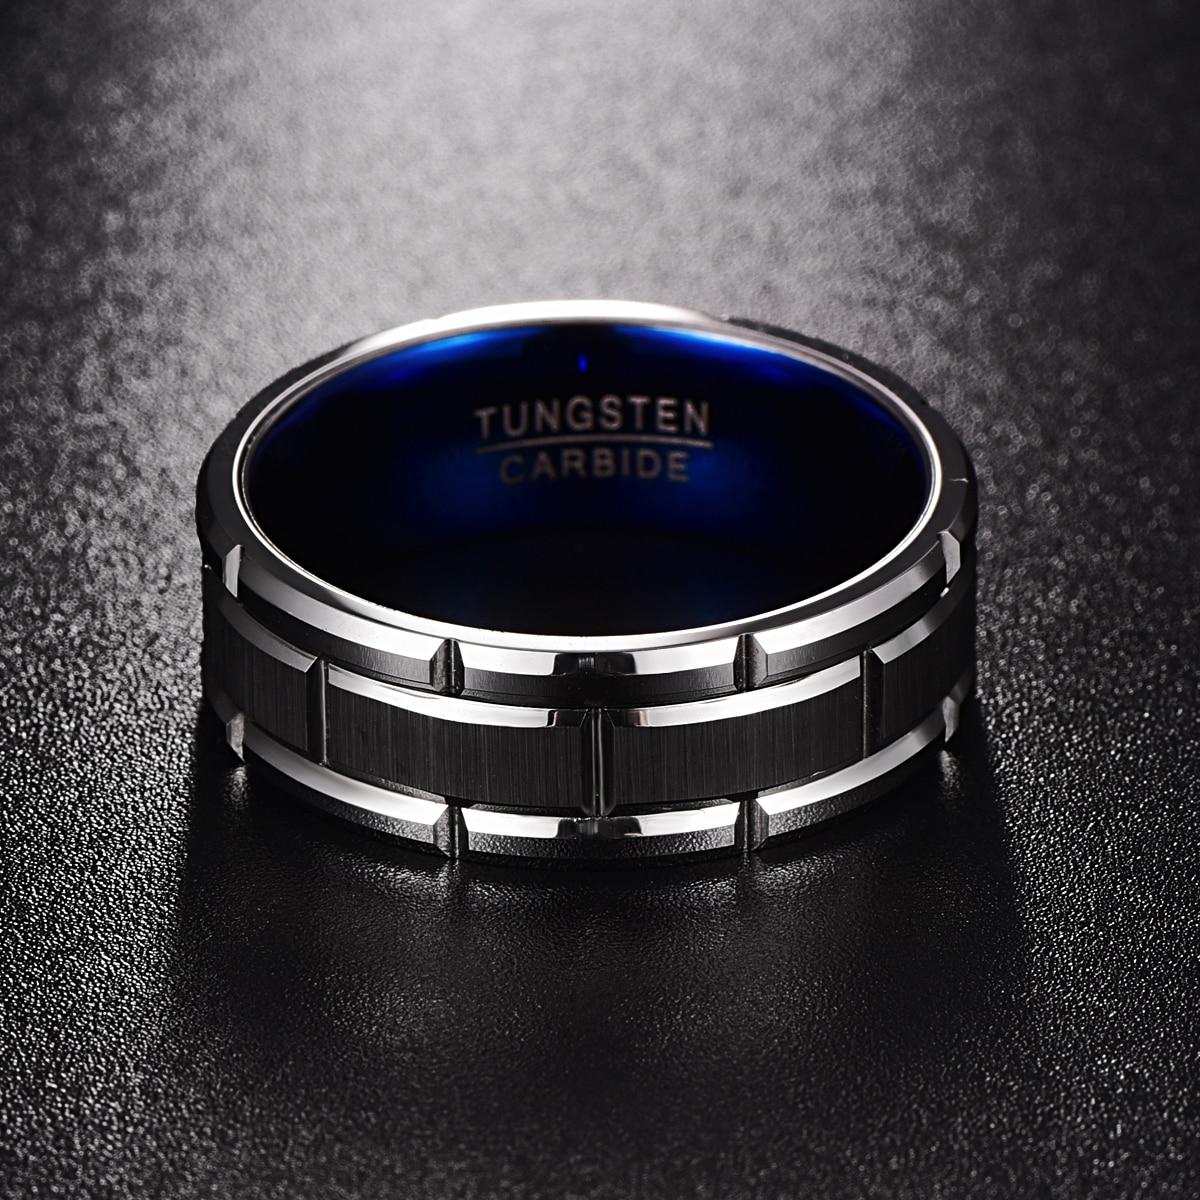 Мужское кольцо из вольфрама, с синим внутренним кольцом